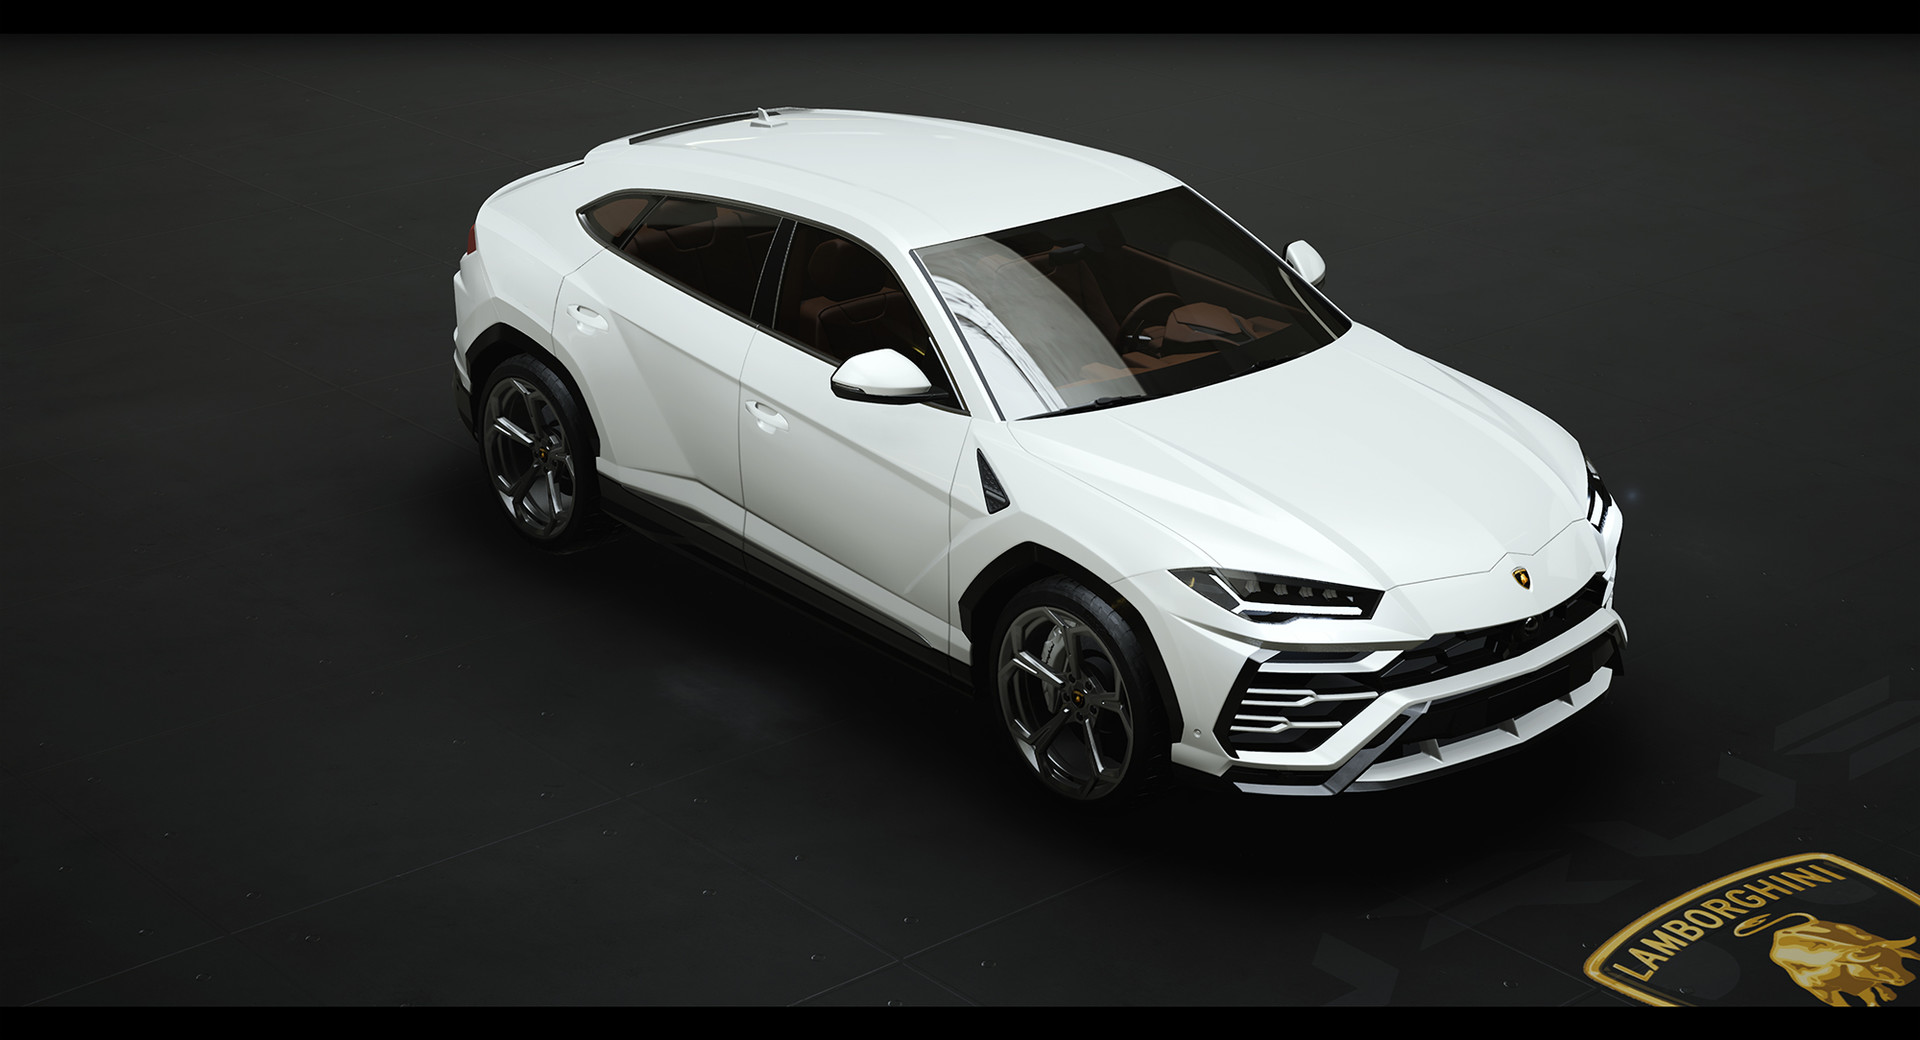 Artstation Ue4 Automotive Rendering Lamborghini Urus